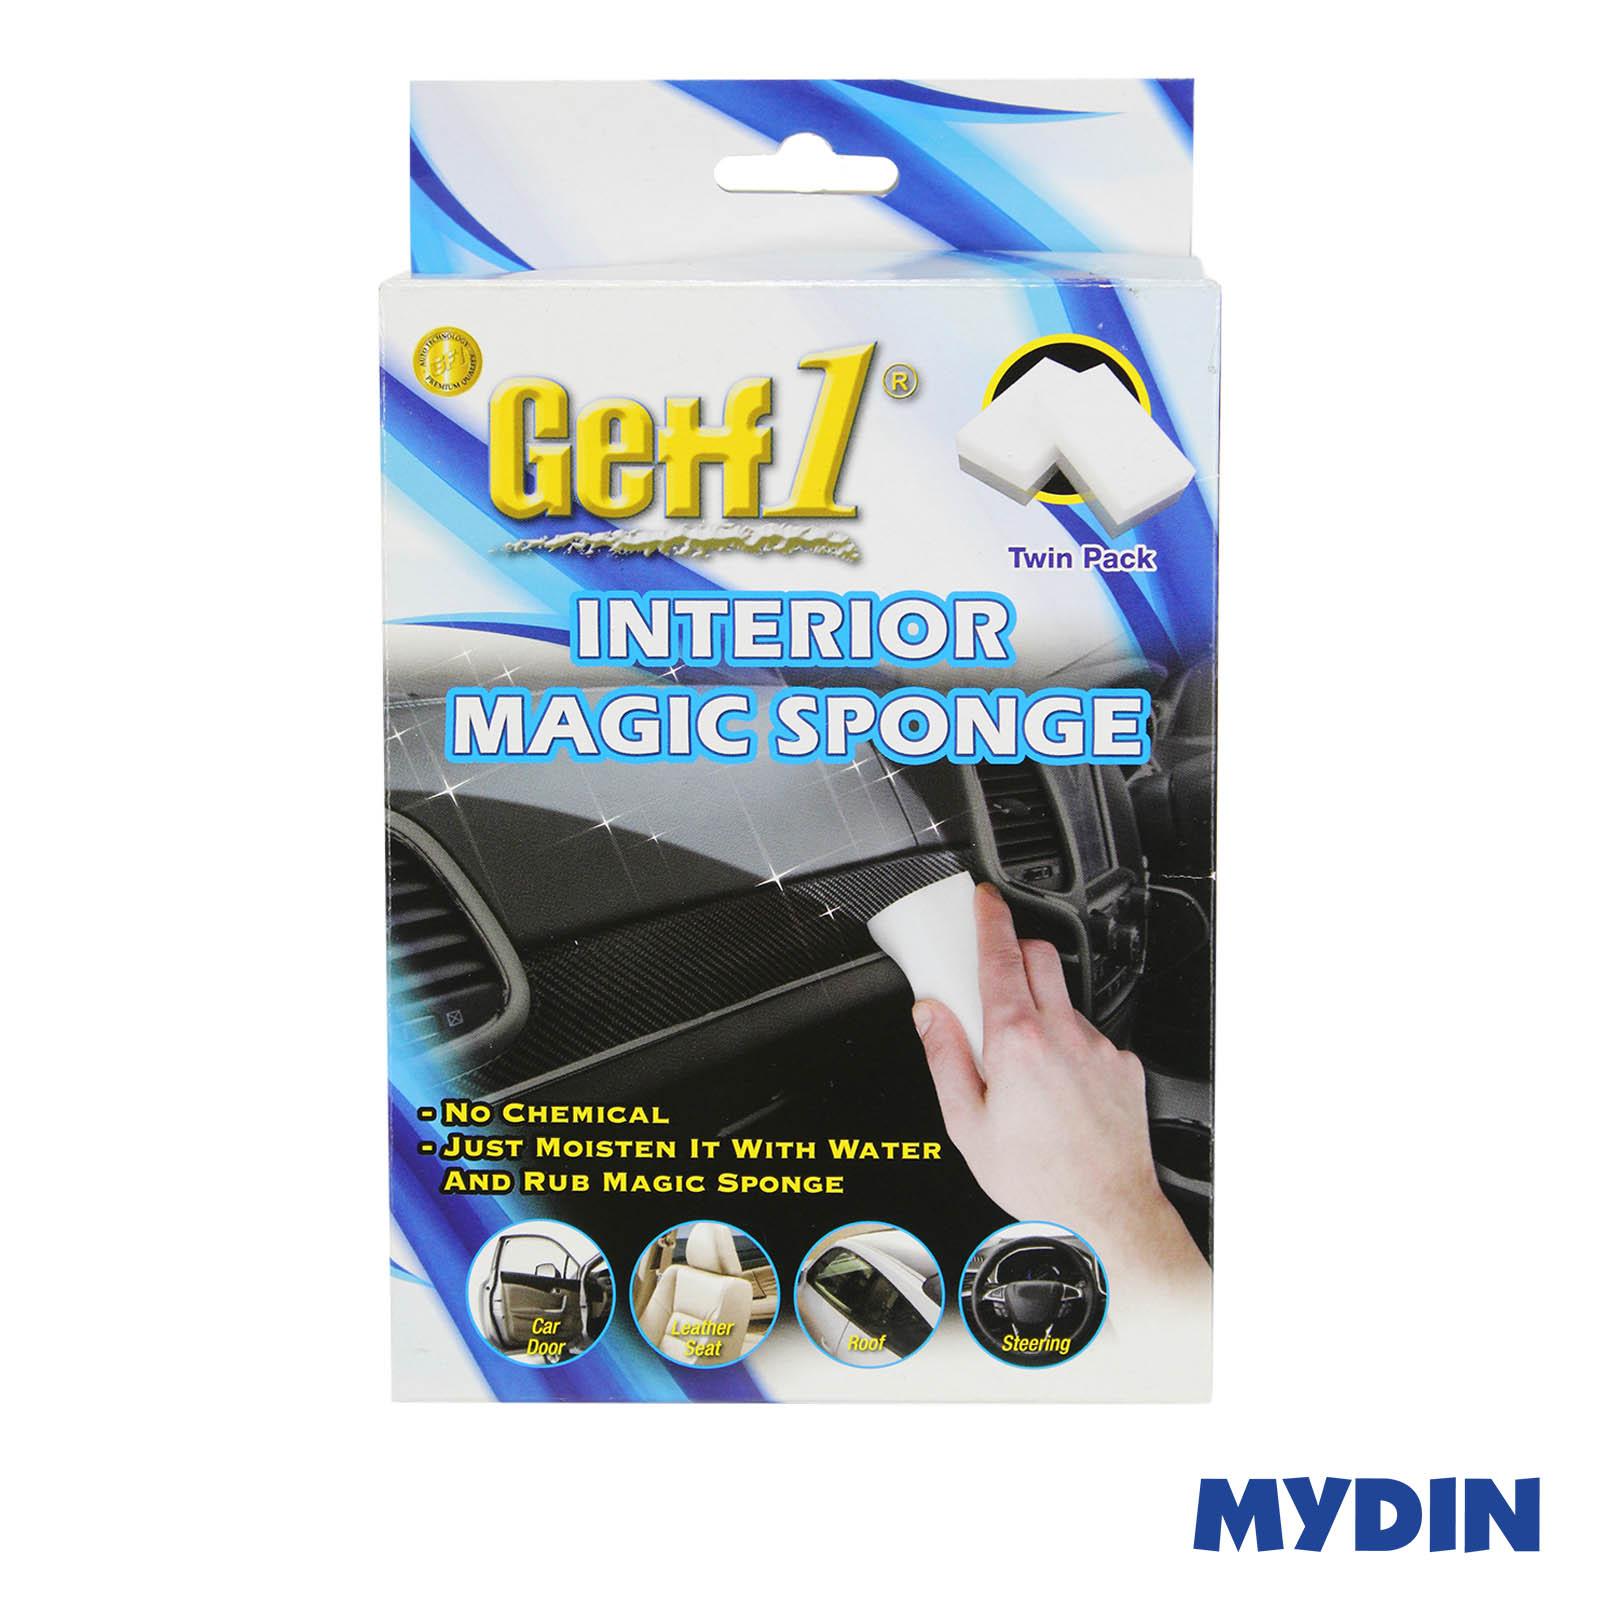 Getf1 Auto Care Interior Magic Sponge